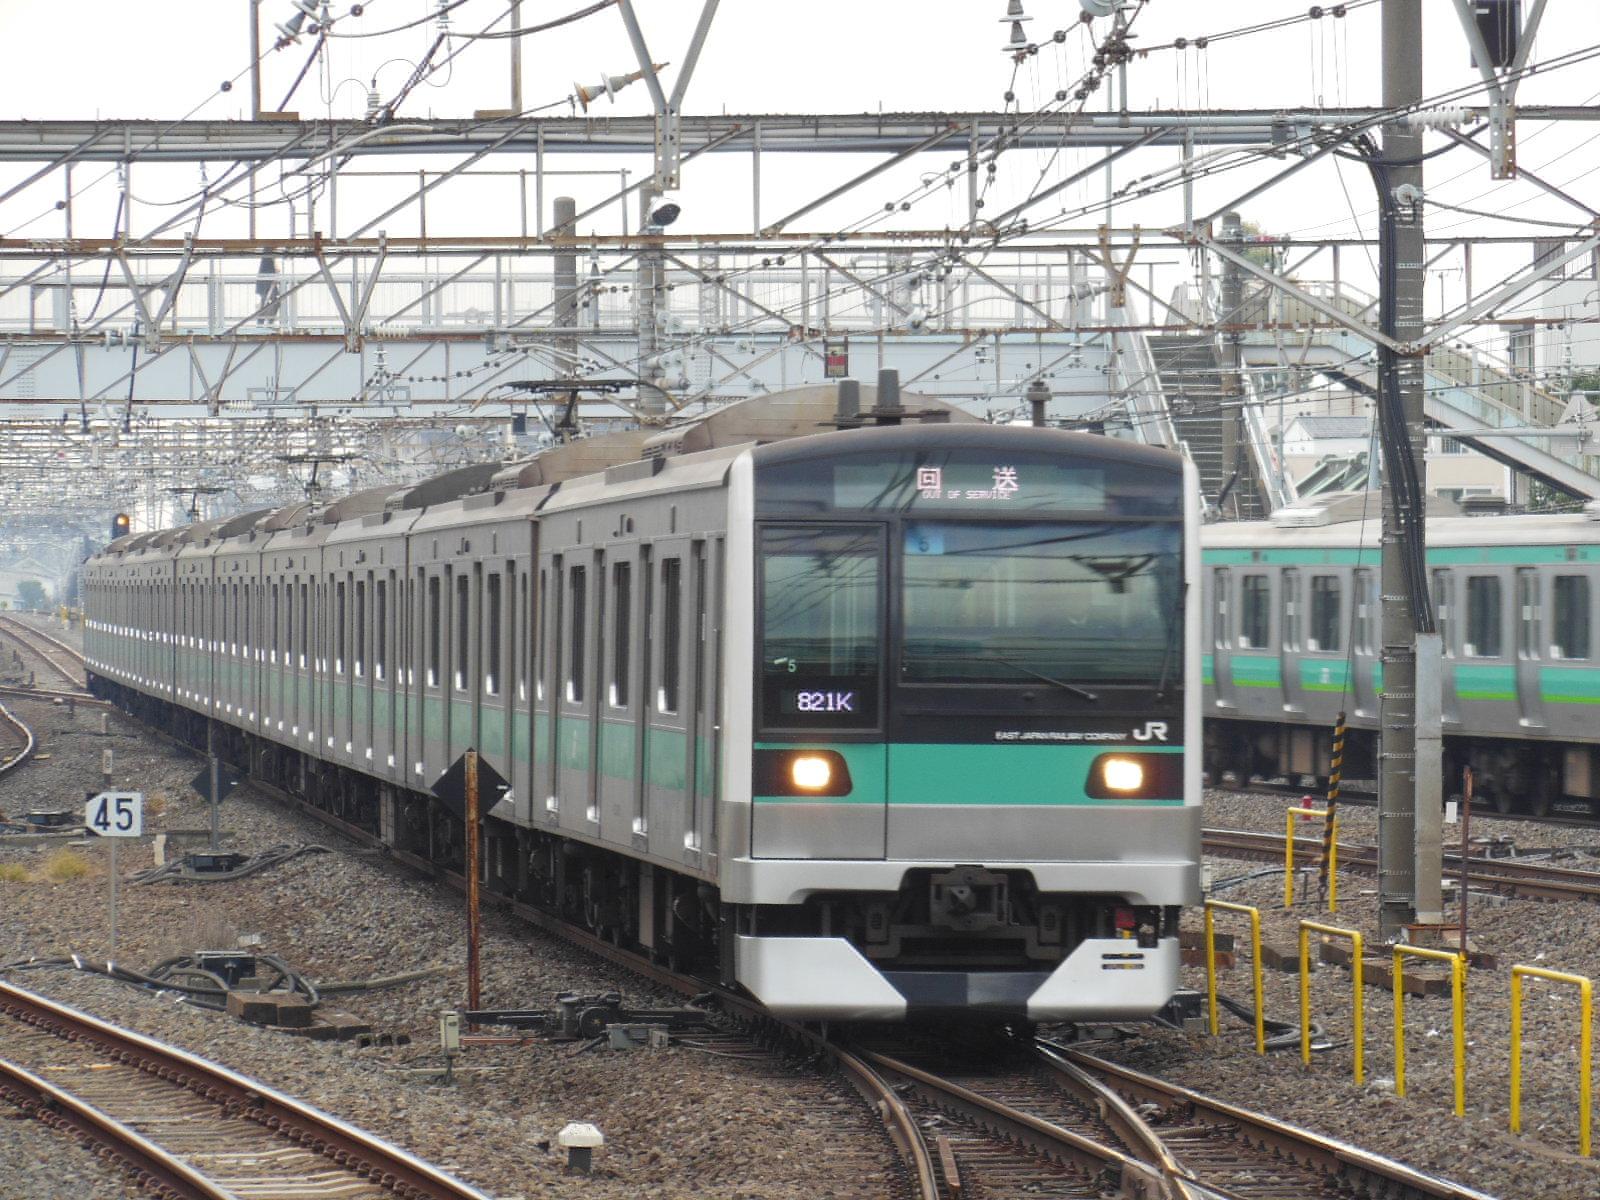 DSCN5955.jpg